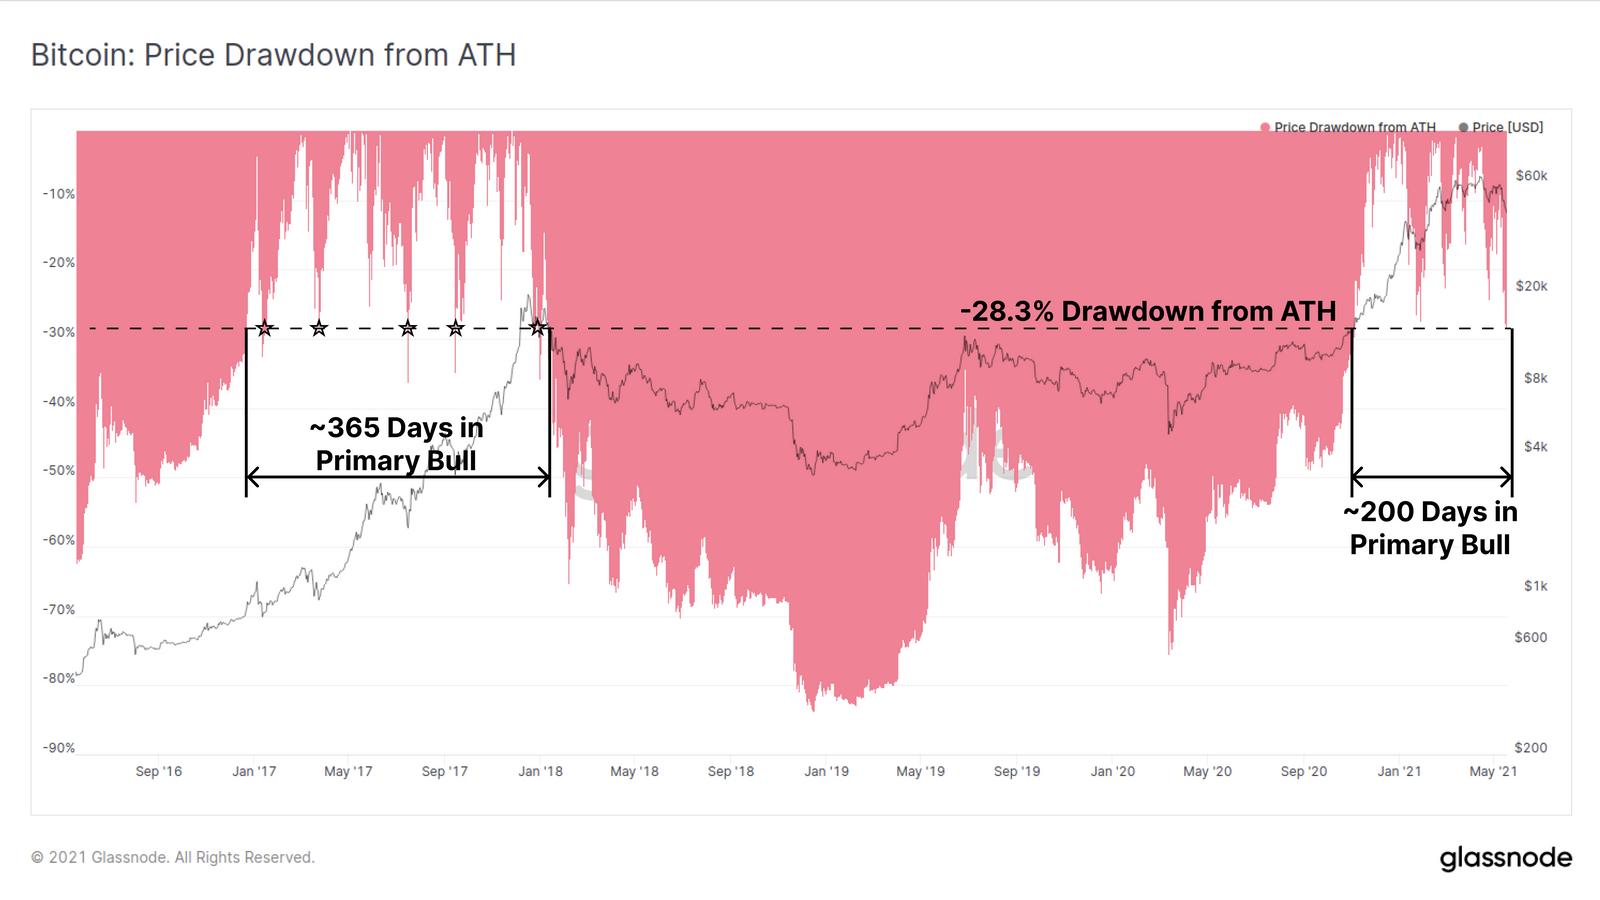 Biểu đồ thể hiện sự điều chỉnh giá Bitcoin thay đổi so với đỉnh ATH